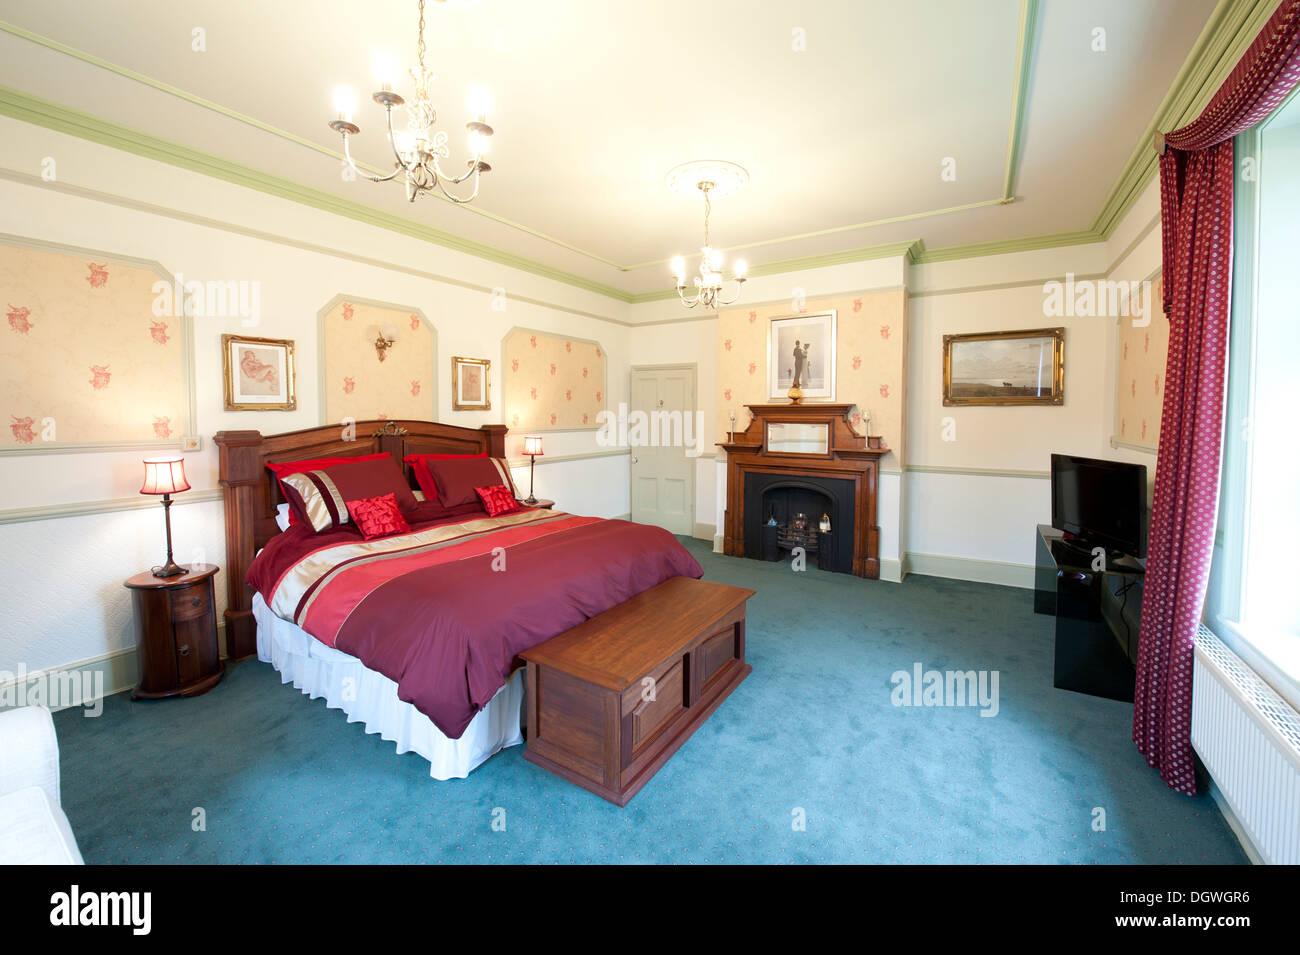 Ansprechend Bett Größe Beste Wahl Große Große Schlafzimmer Plüsch Polster